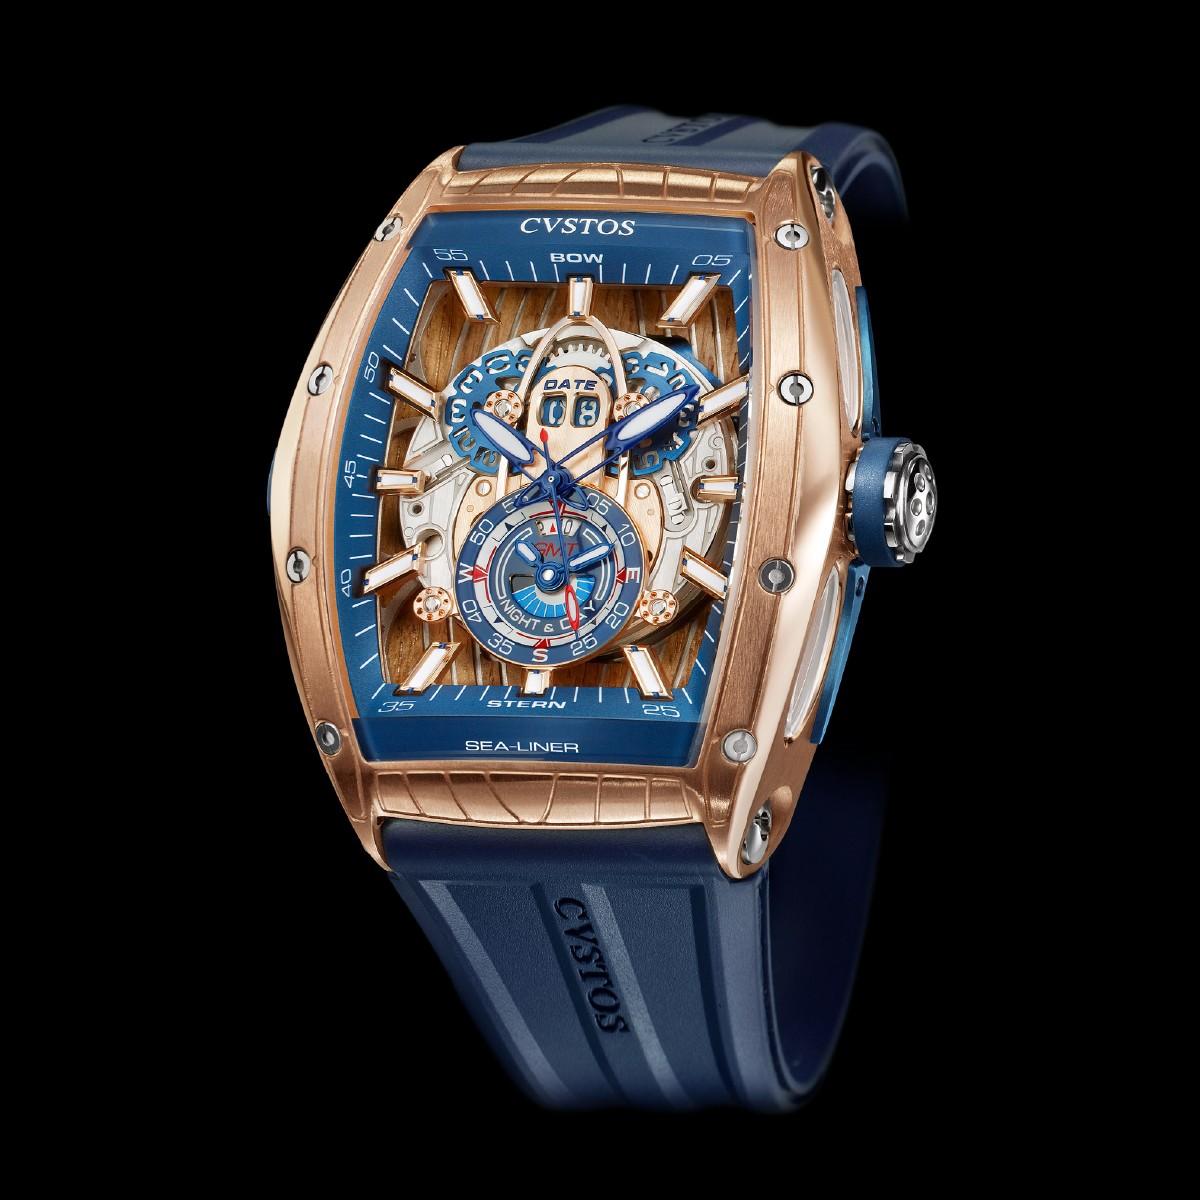 Produkt Cvstos Sealiner GMT Red Gold Preis